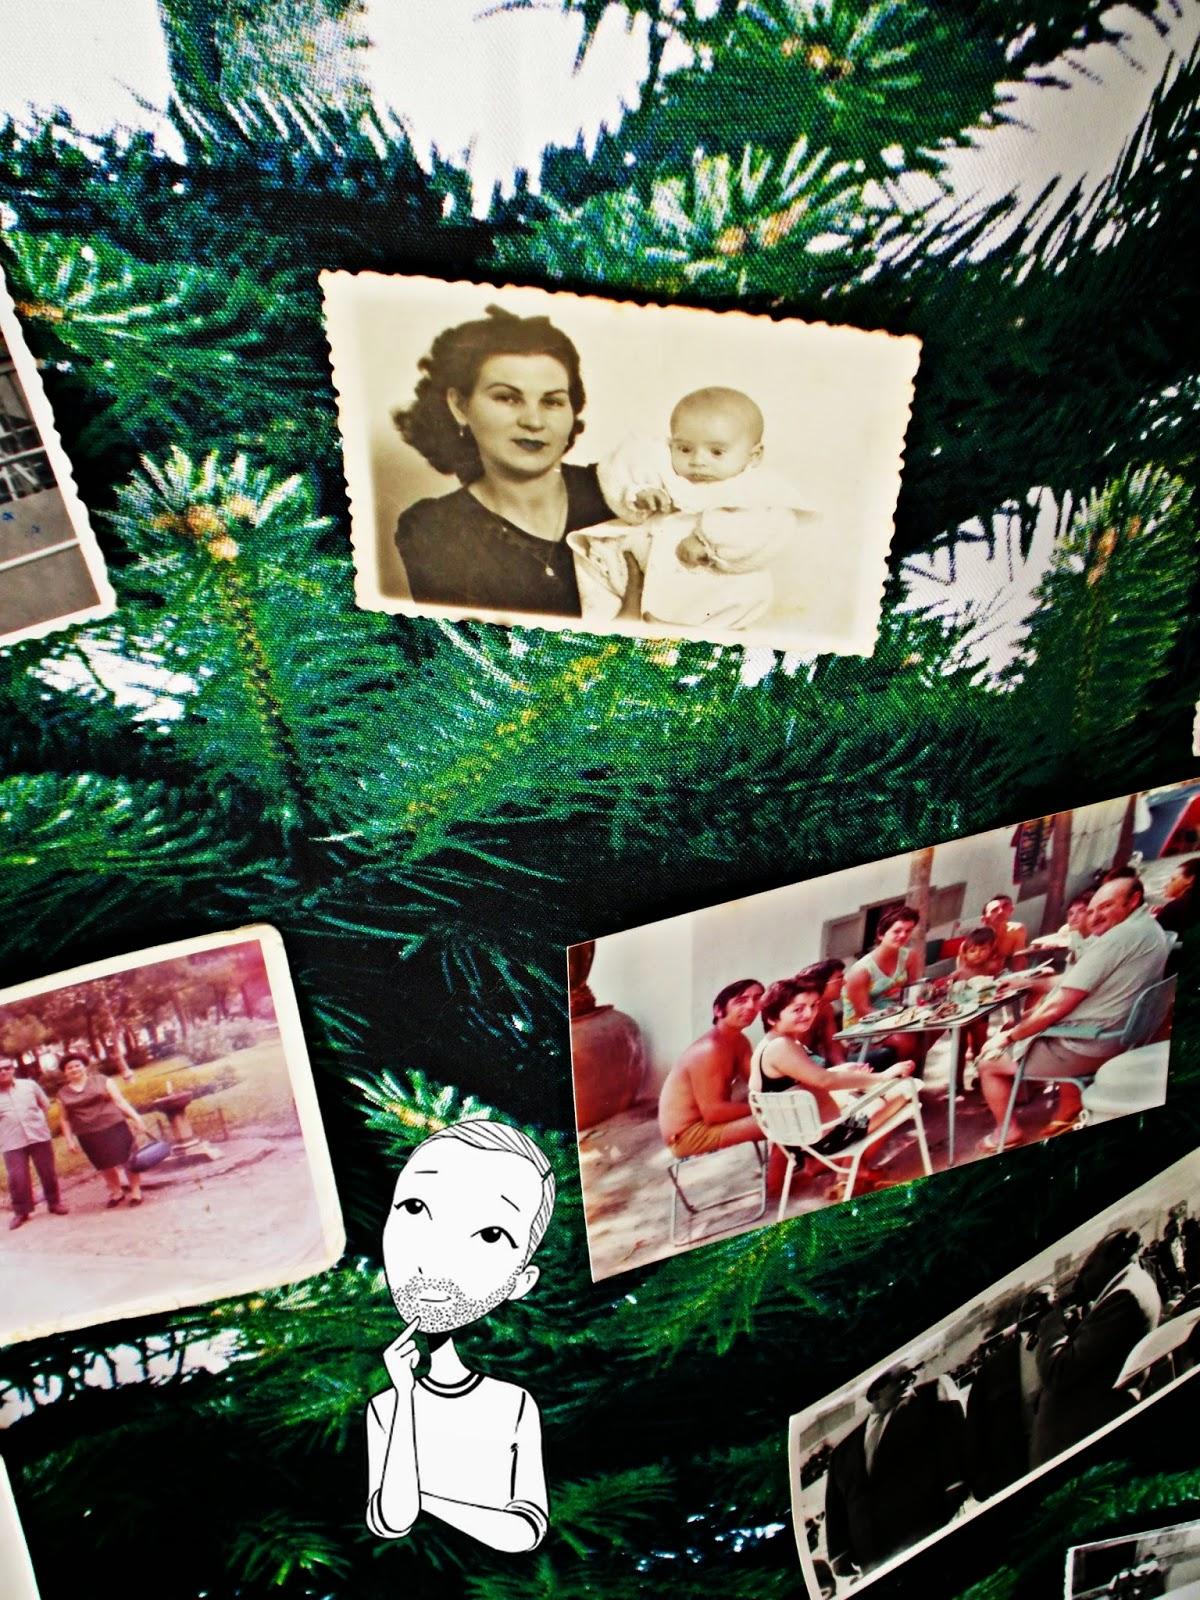 DIY-árbol navidad-textil-coser-costura-pasoapaso-recuerdos-vintage-fotografía-DIYviertete-blogersando-diciembre- (1)gif80